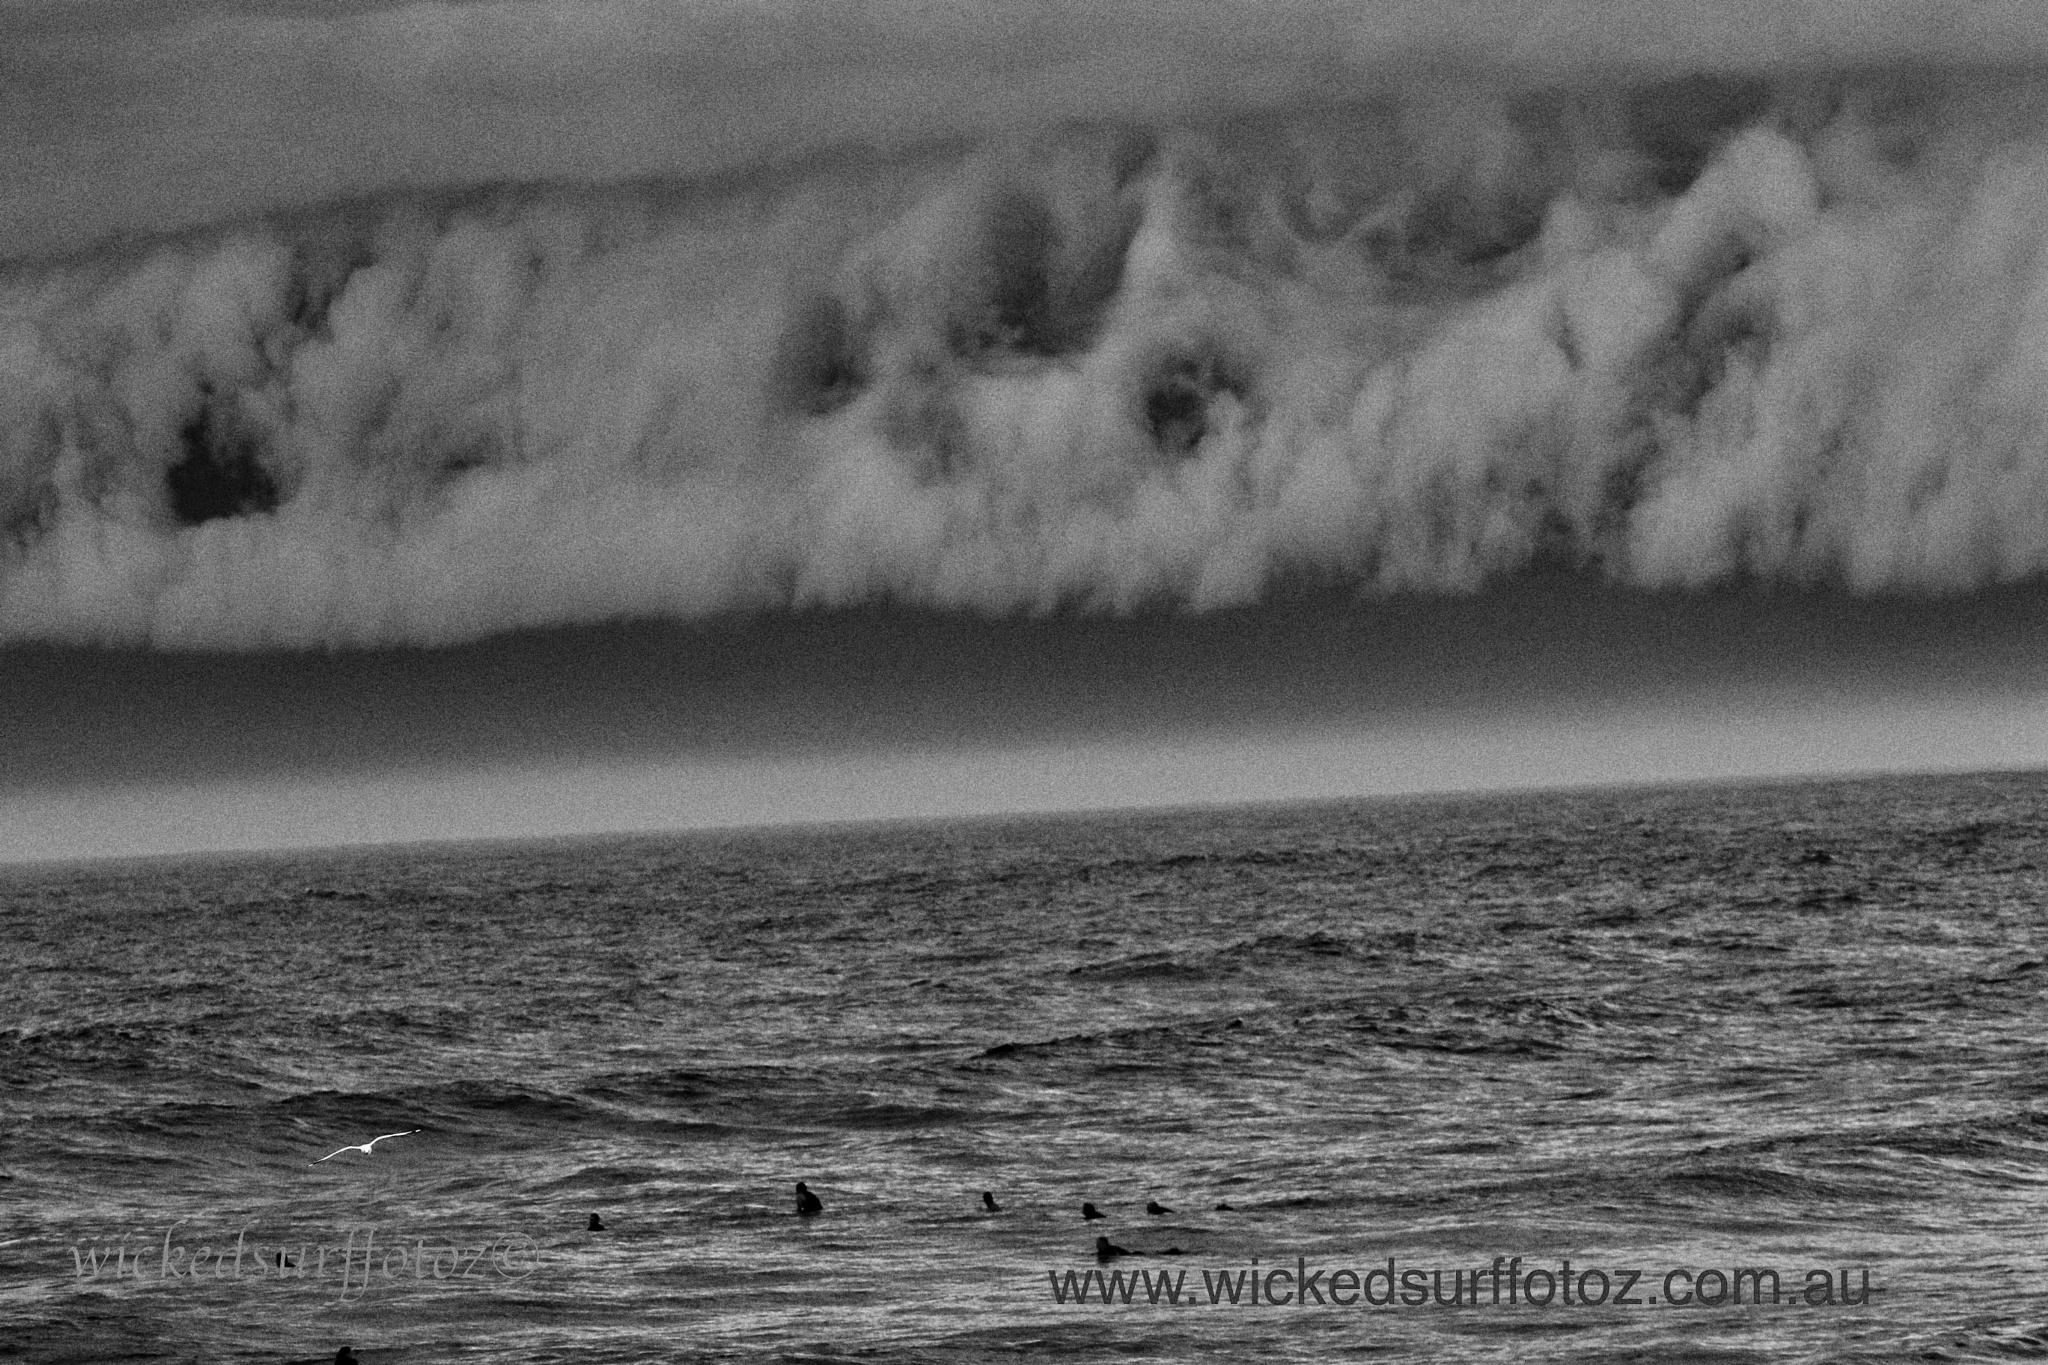 storms  by wickedsurffotoz